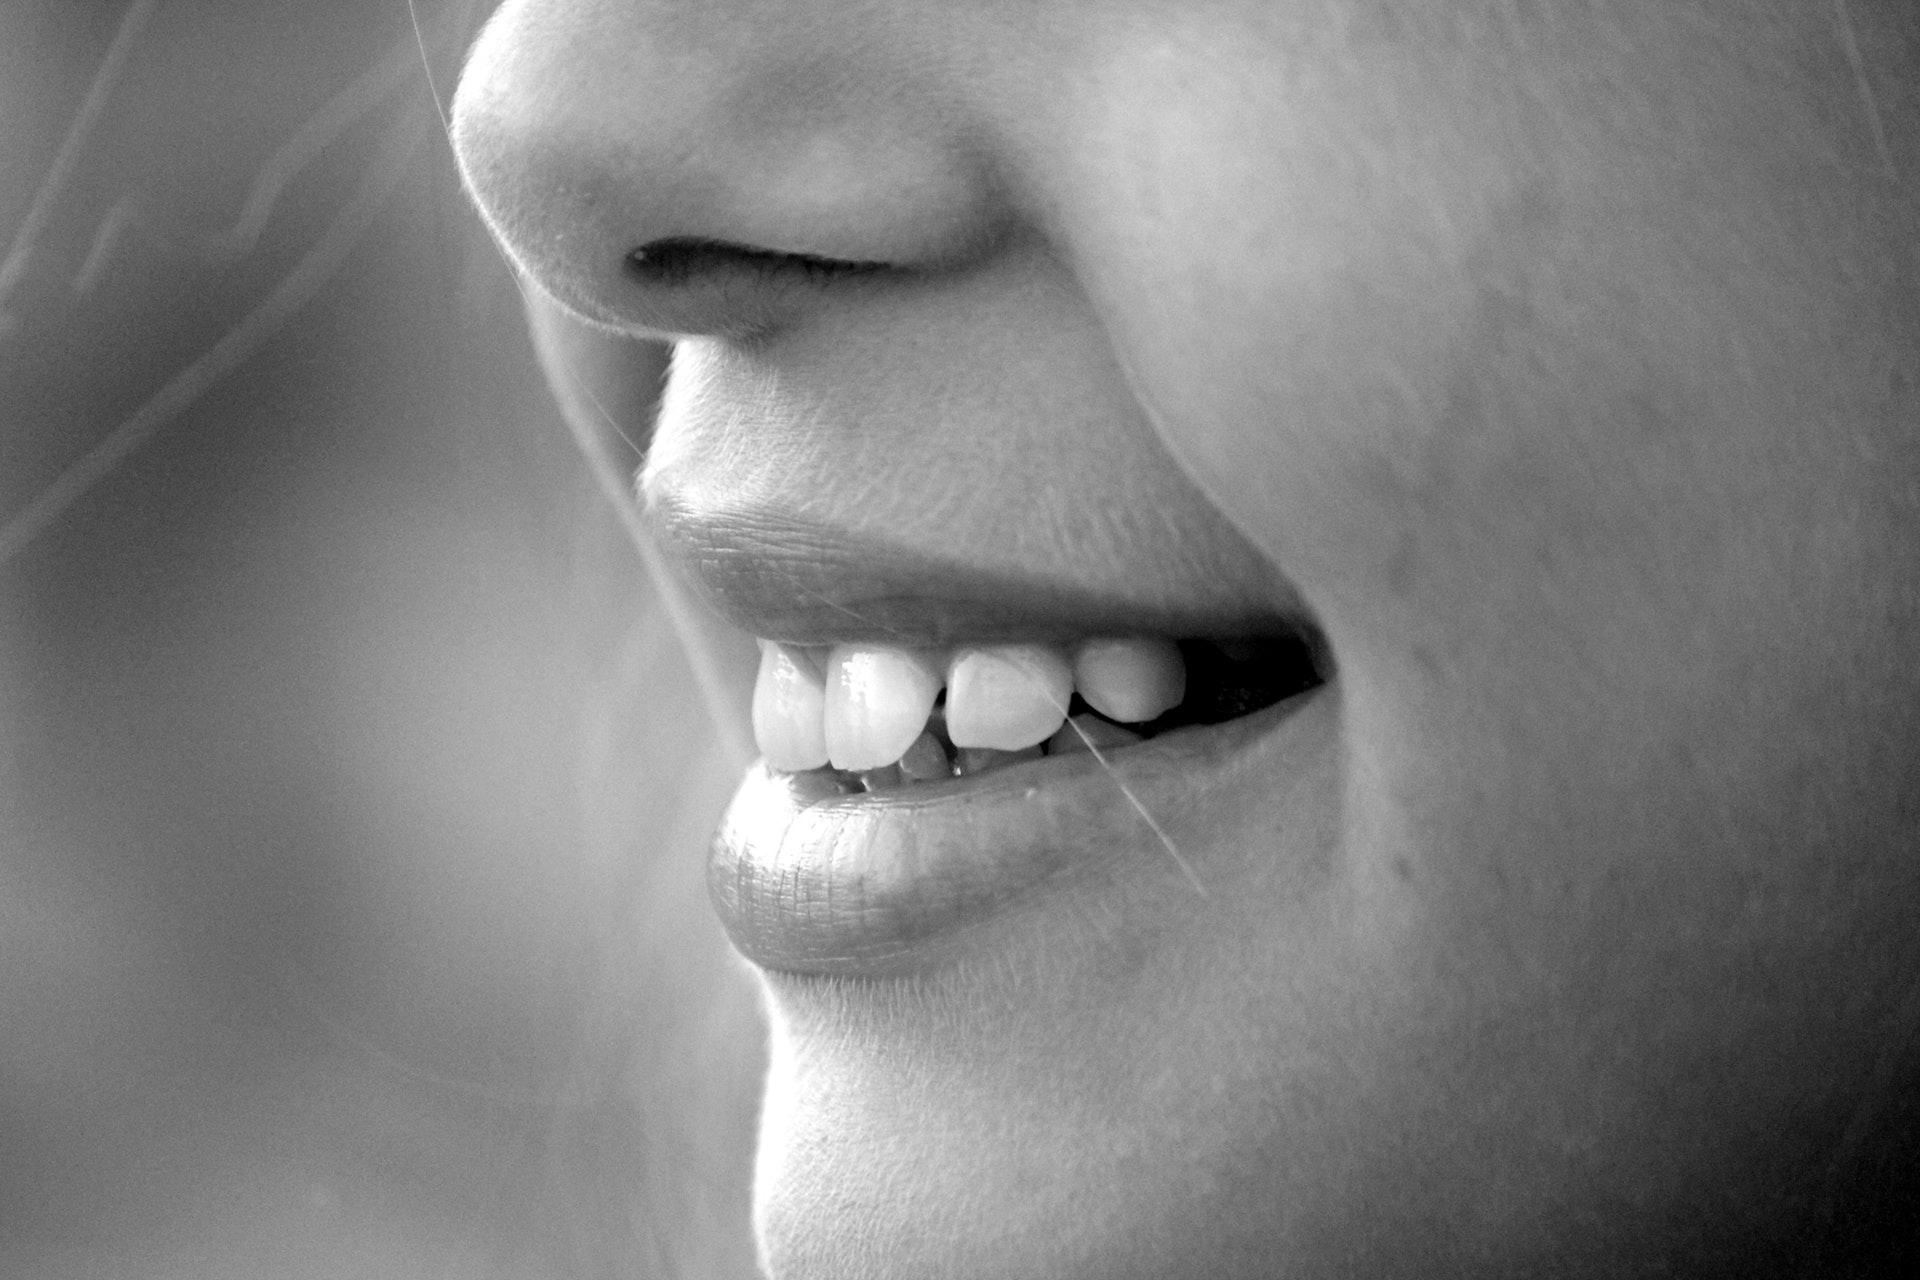 Les 10 aliments qui tachent les dents